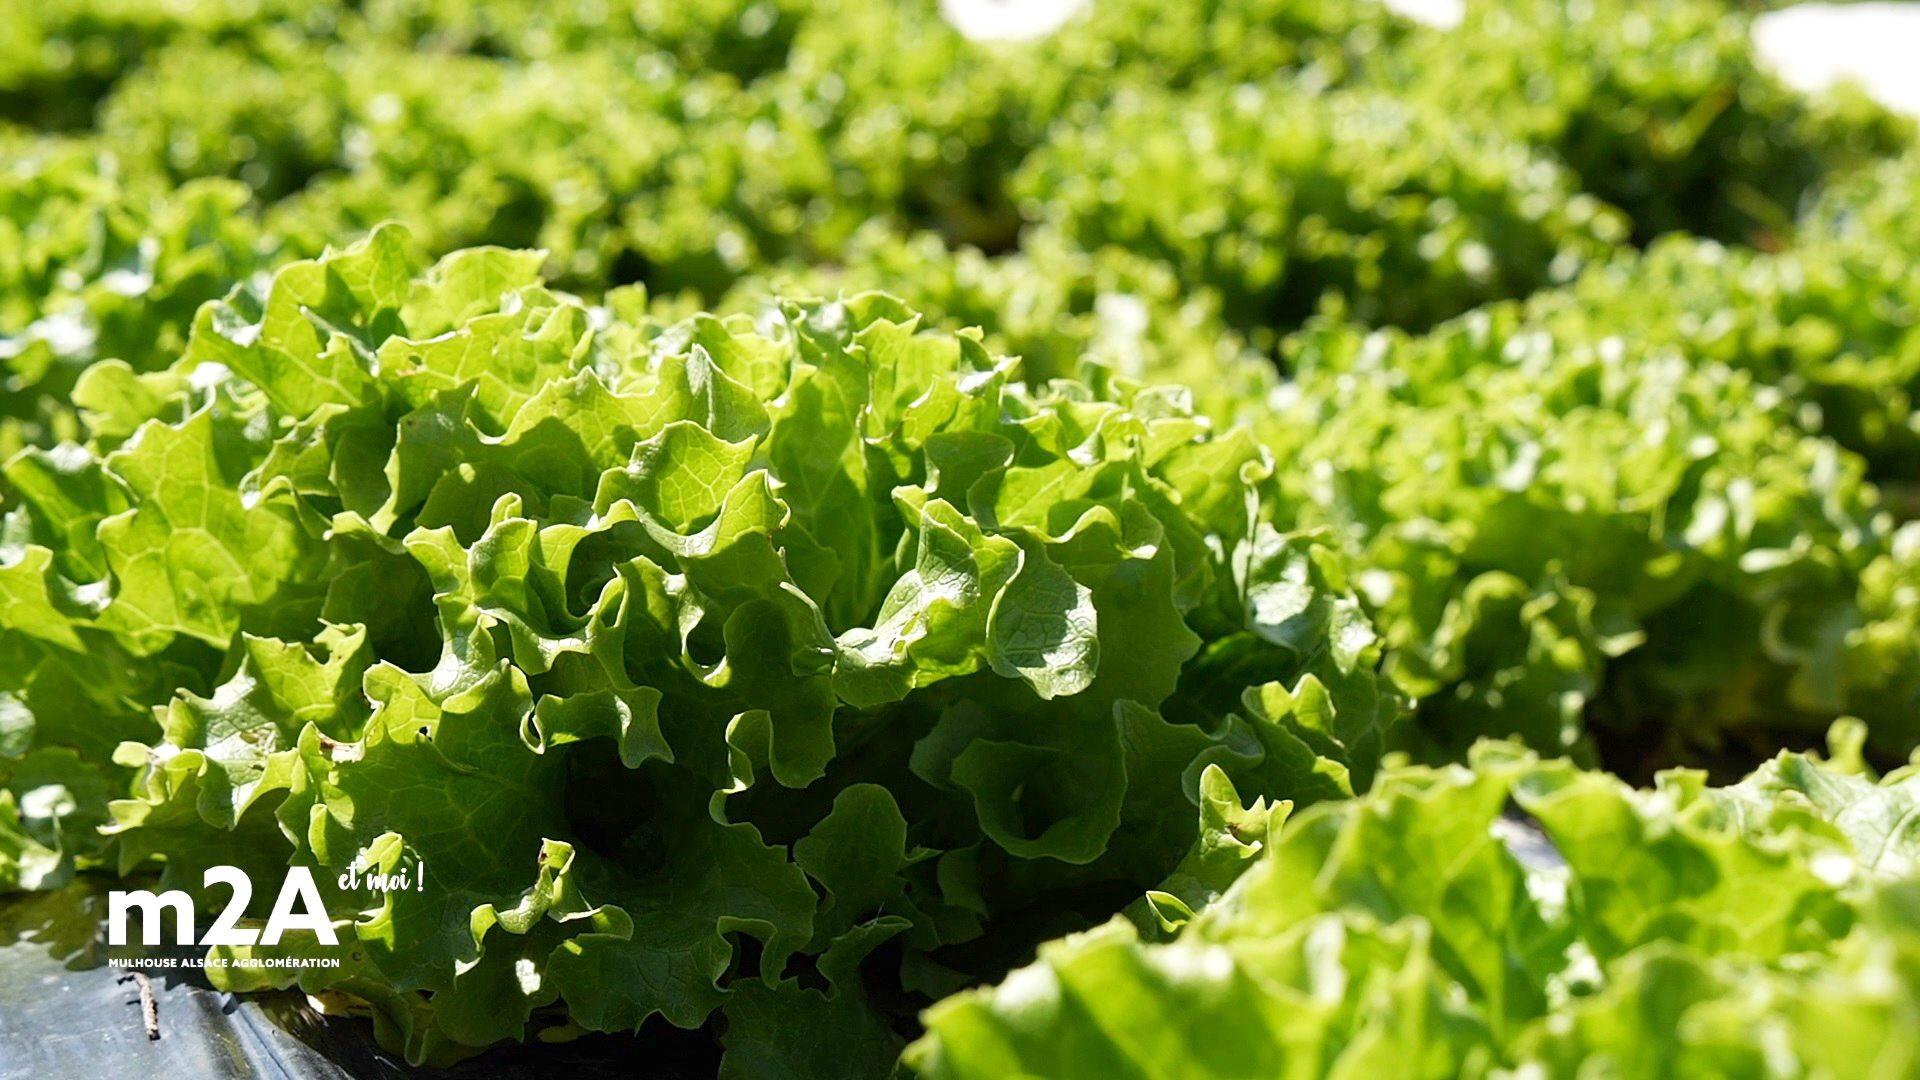 webserie-zimmersheim-salades-bio